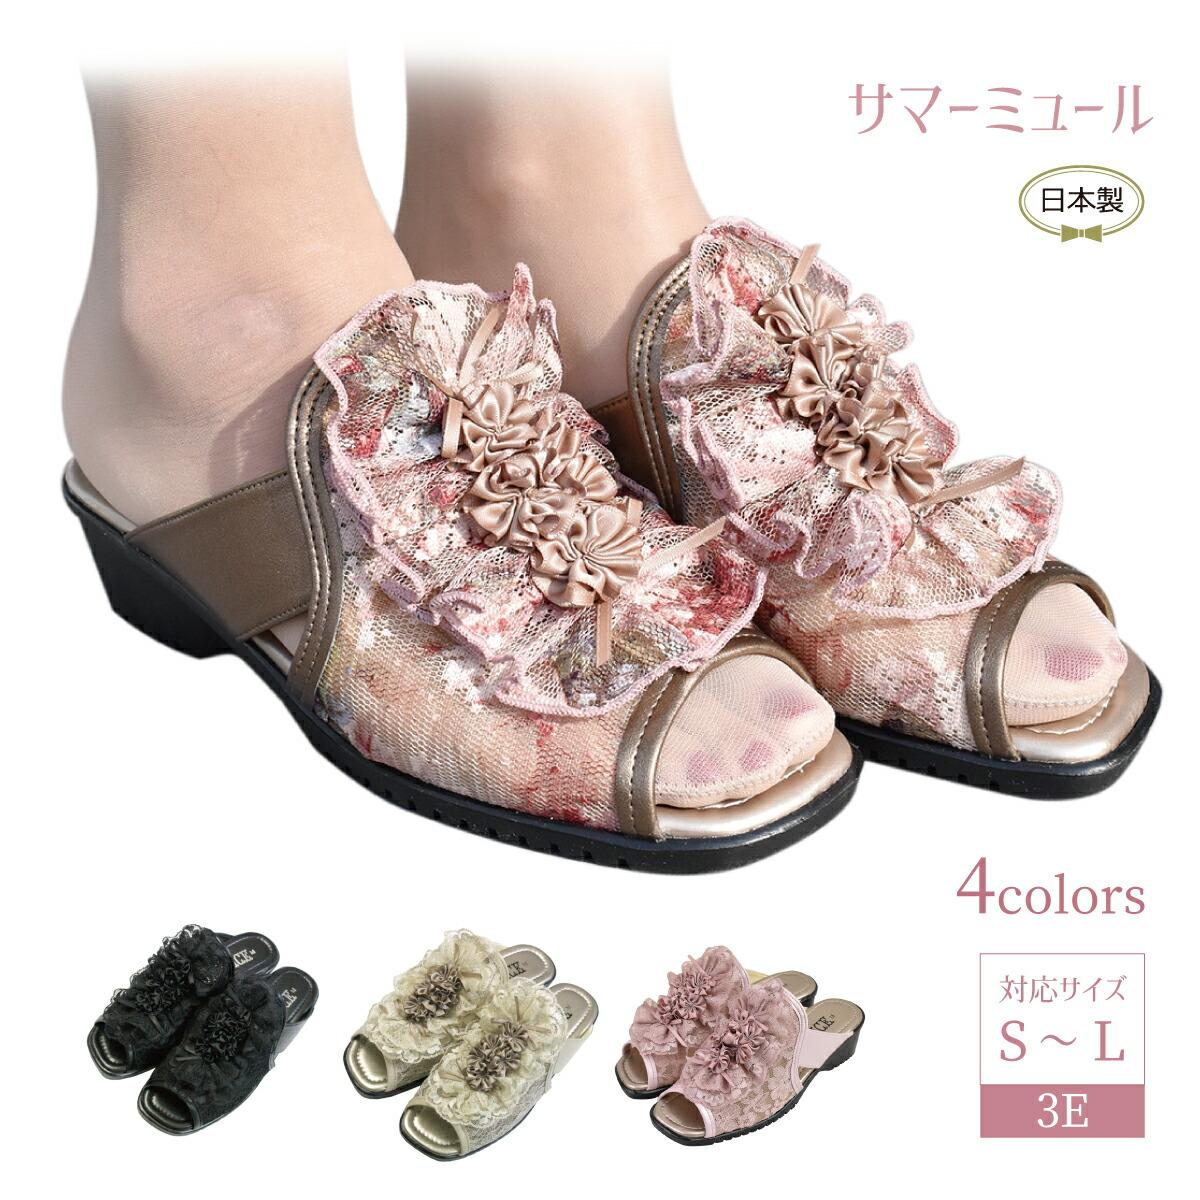 レーシーサマーミュール いつでも送料無料 22.5cm~24.5cm ミュール サンダル レディース ワイズ 3E 日本製レーシーサマーミュール ヒール リボン レース 商品追加値下げ在庫復活 サマー 靴 シューズ